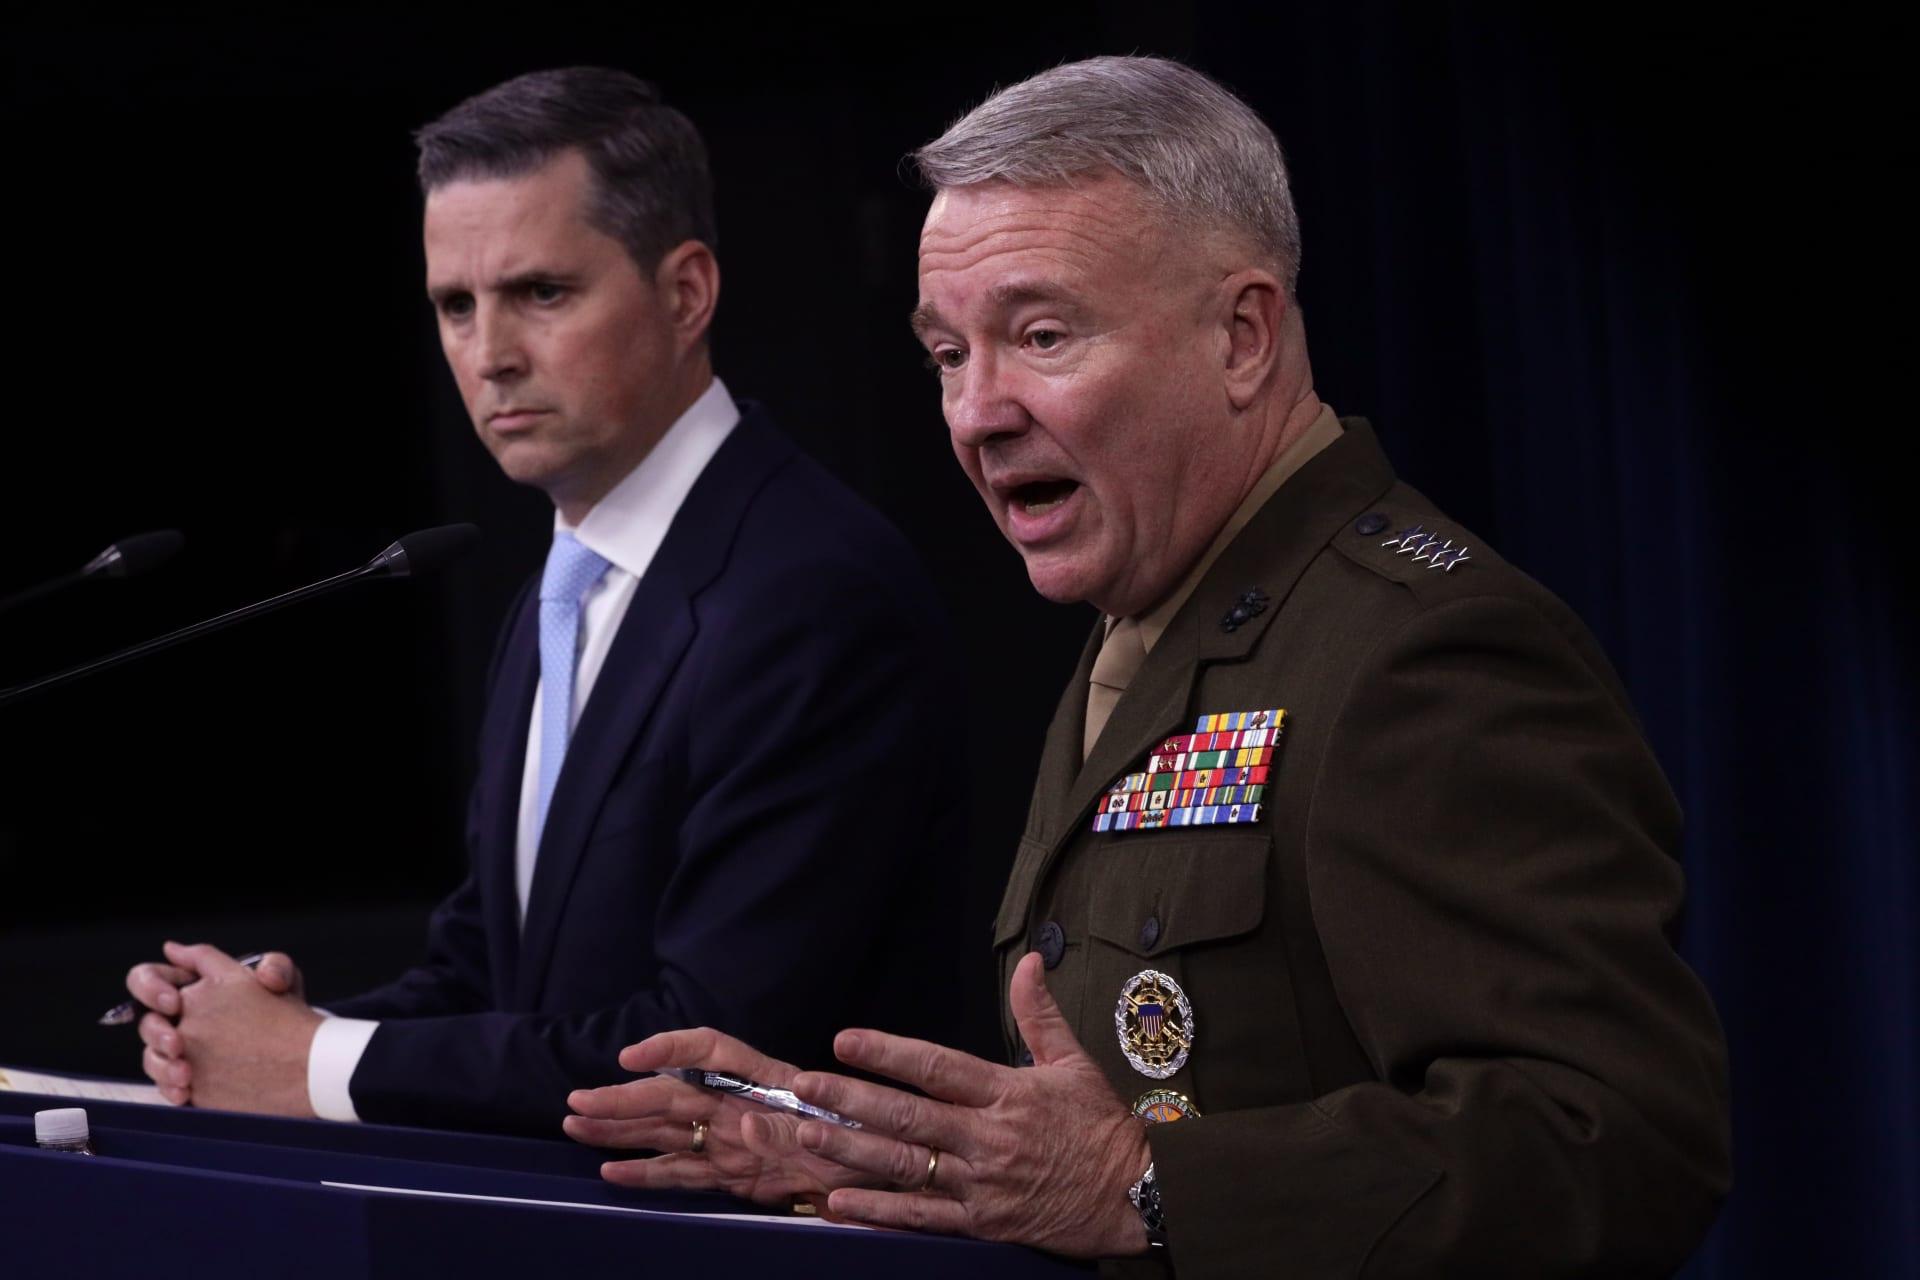 البنتاغون: الضربات الباليستية الإيرانية استهدفت قاعدتين تضمان قوات أمريكية بالعراق